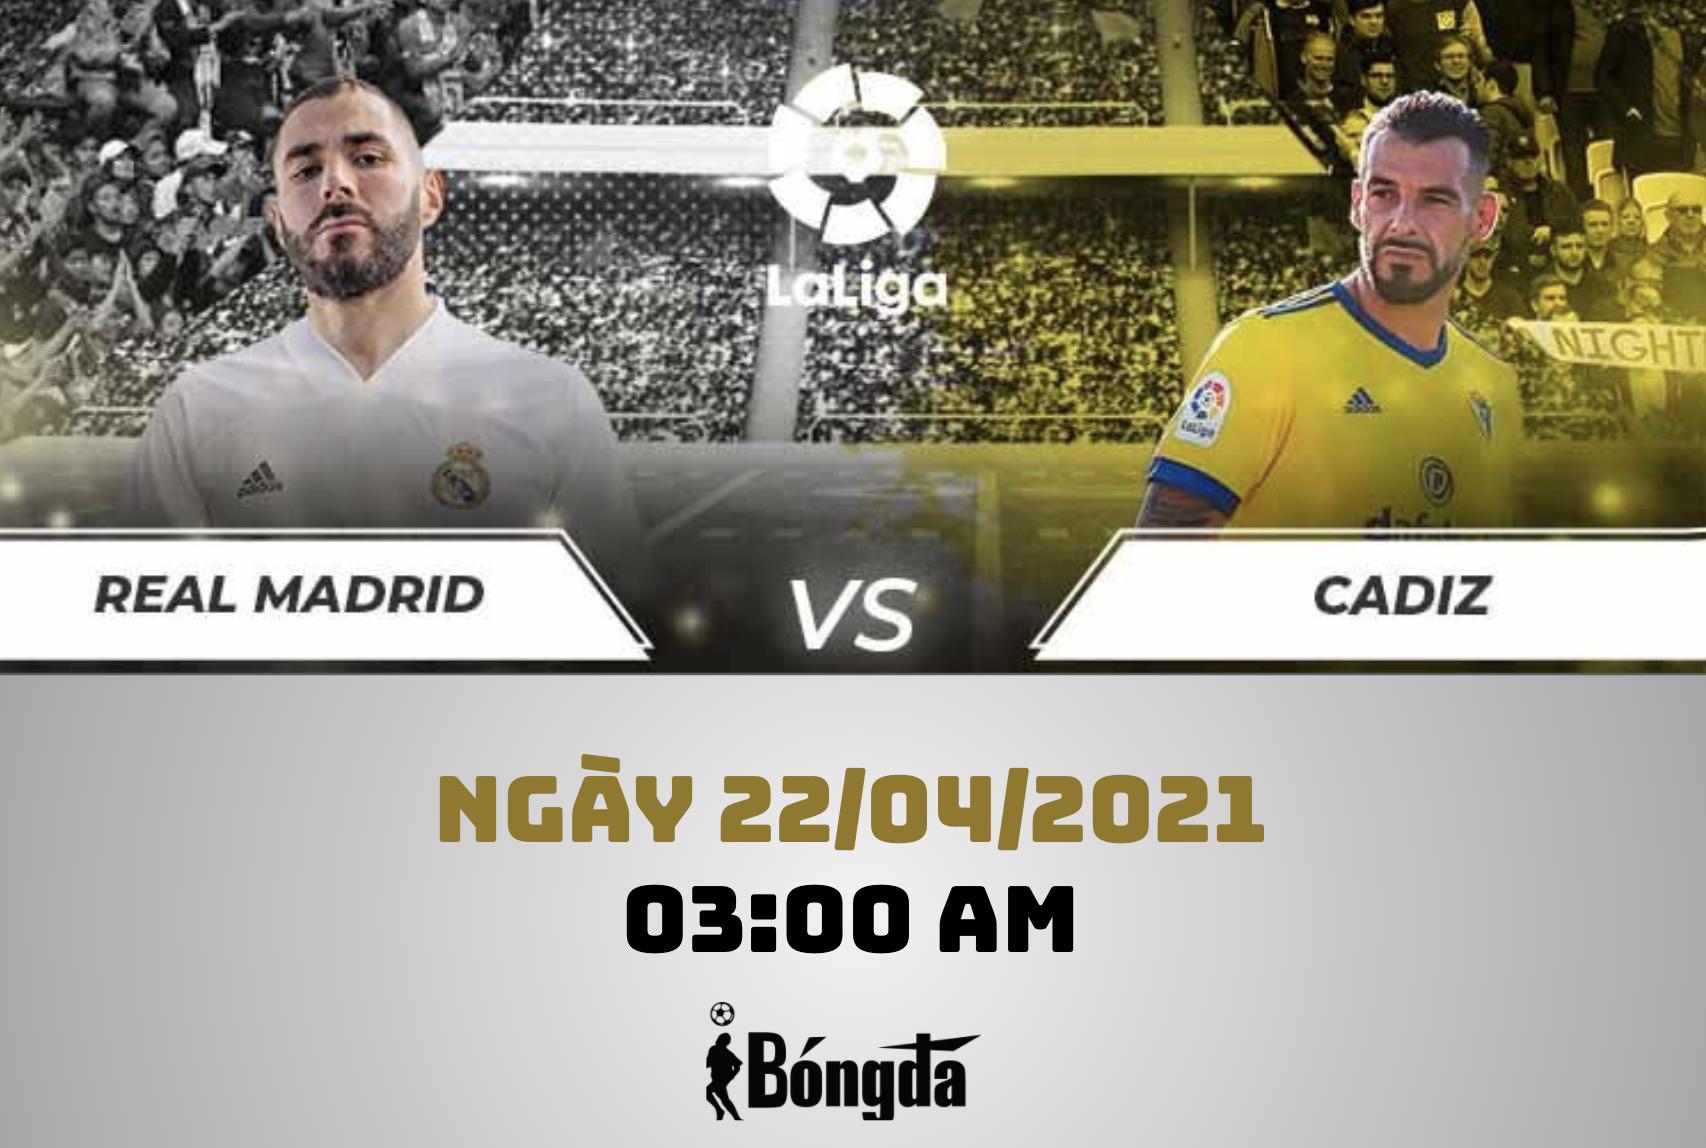 Nhận định trận đấu La Liga ngày 22/4: Cadiz đối đầu Real Madrid trên sân nhà